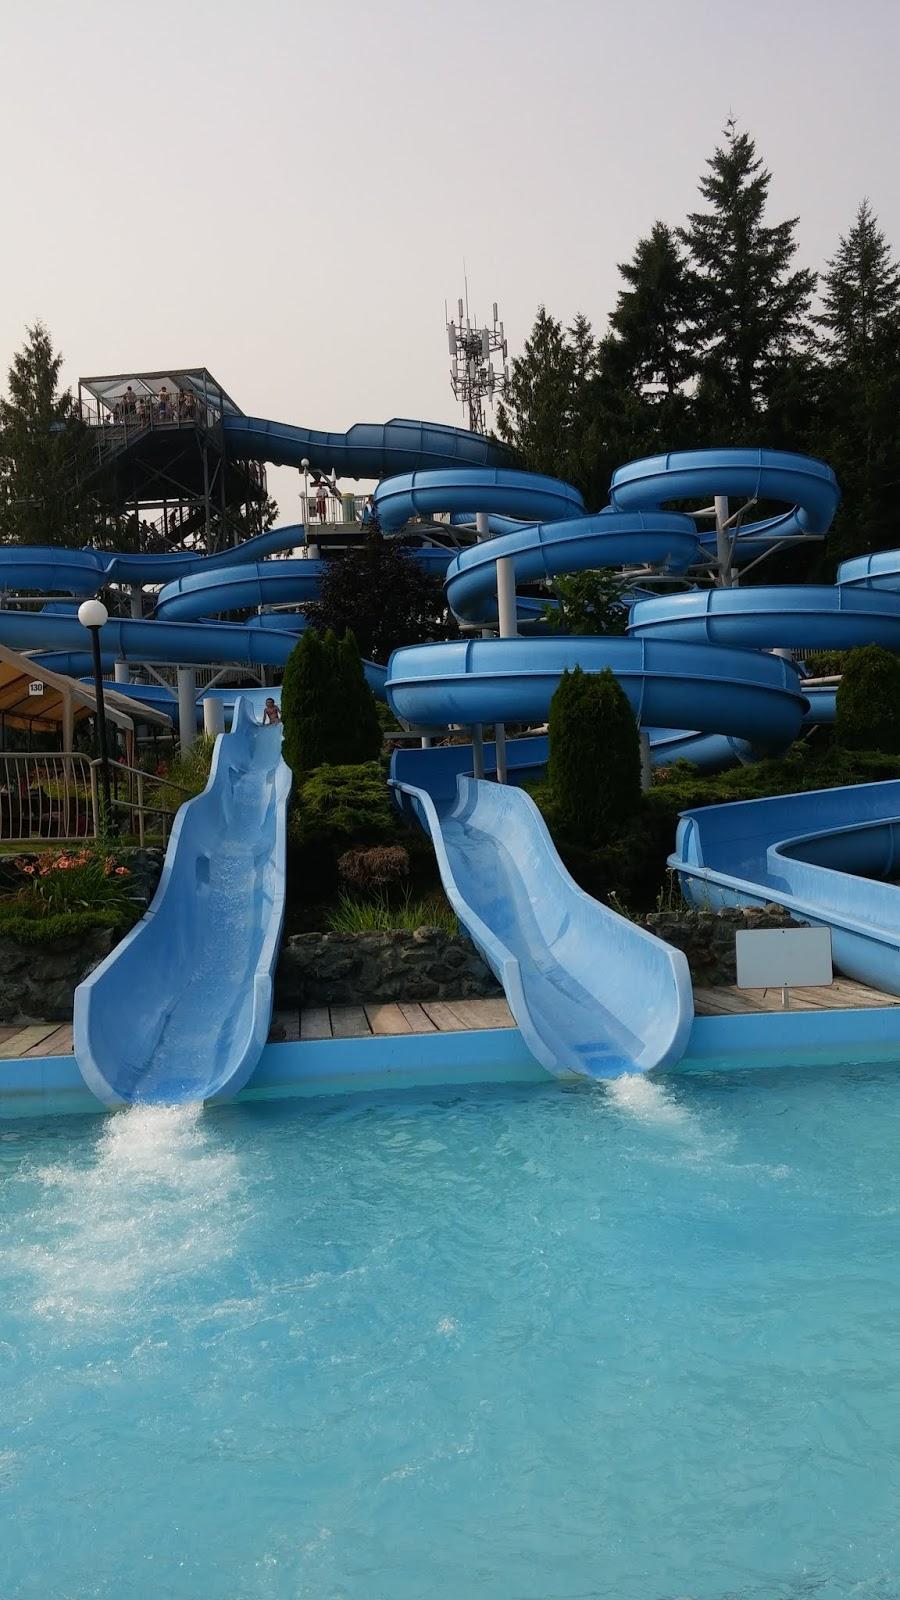 Family's favorite water park- Cultus Lake Waterpark.